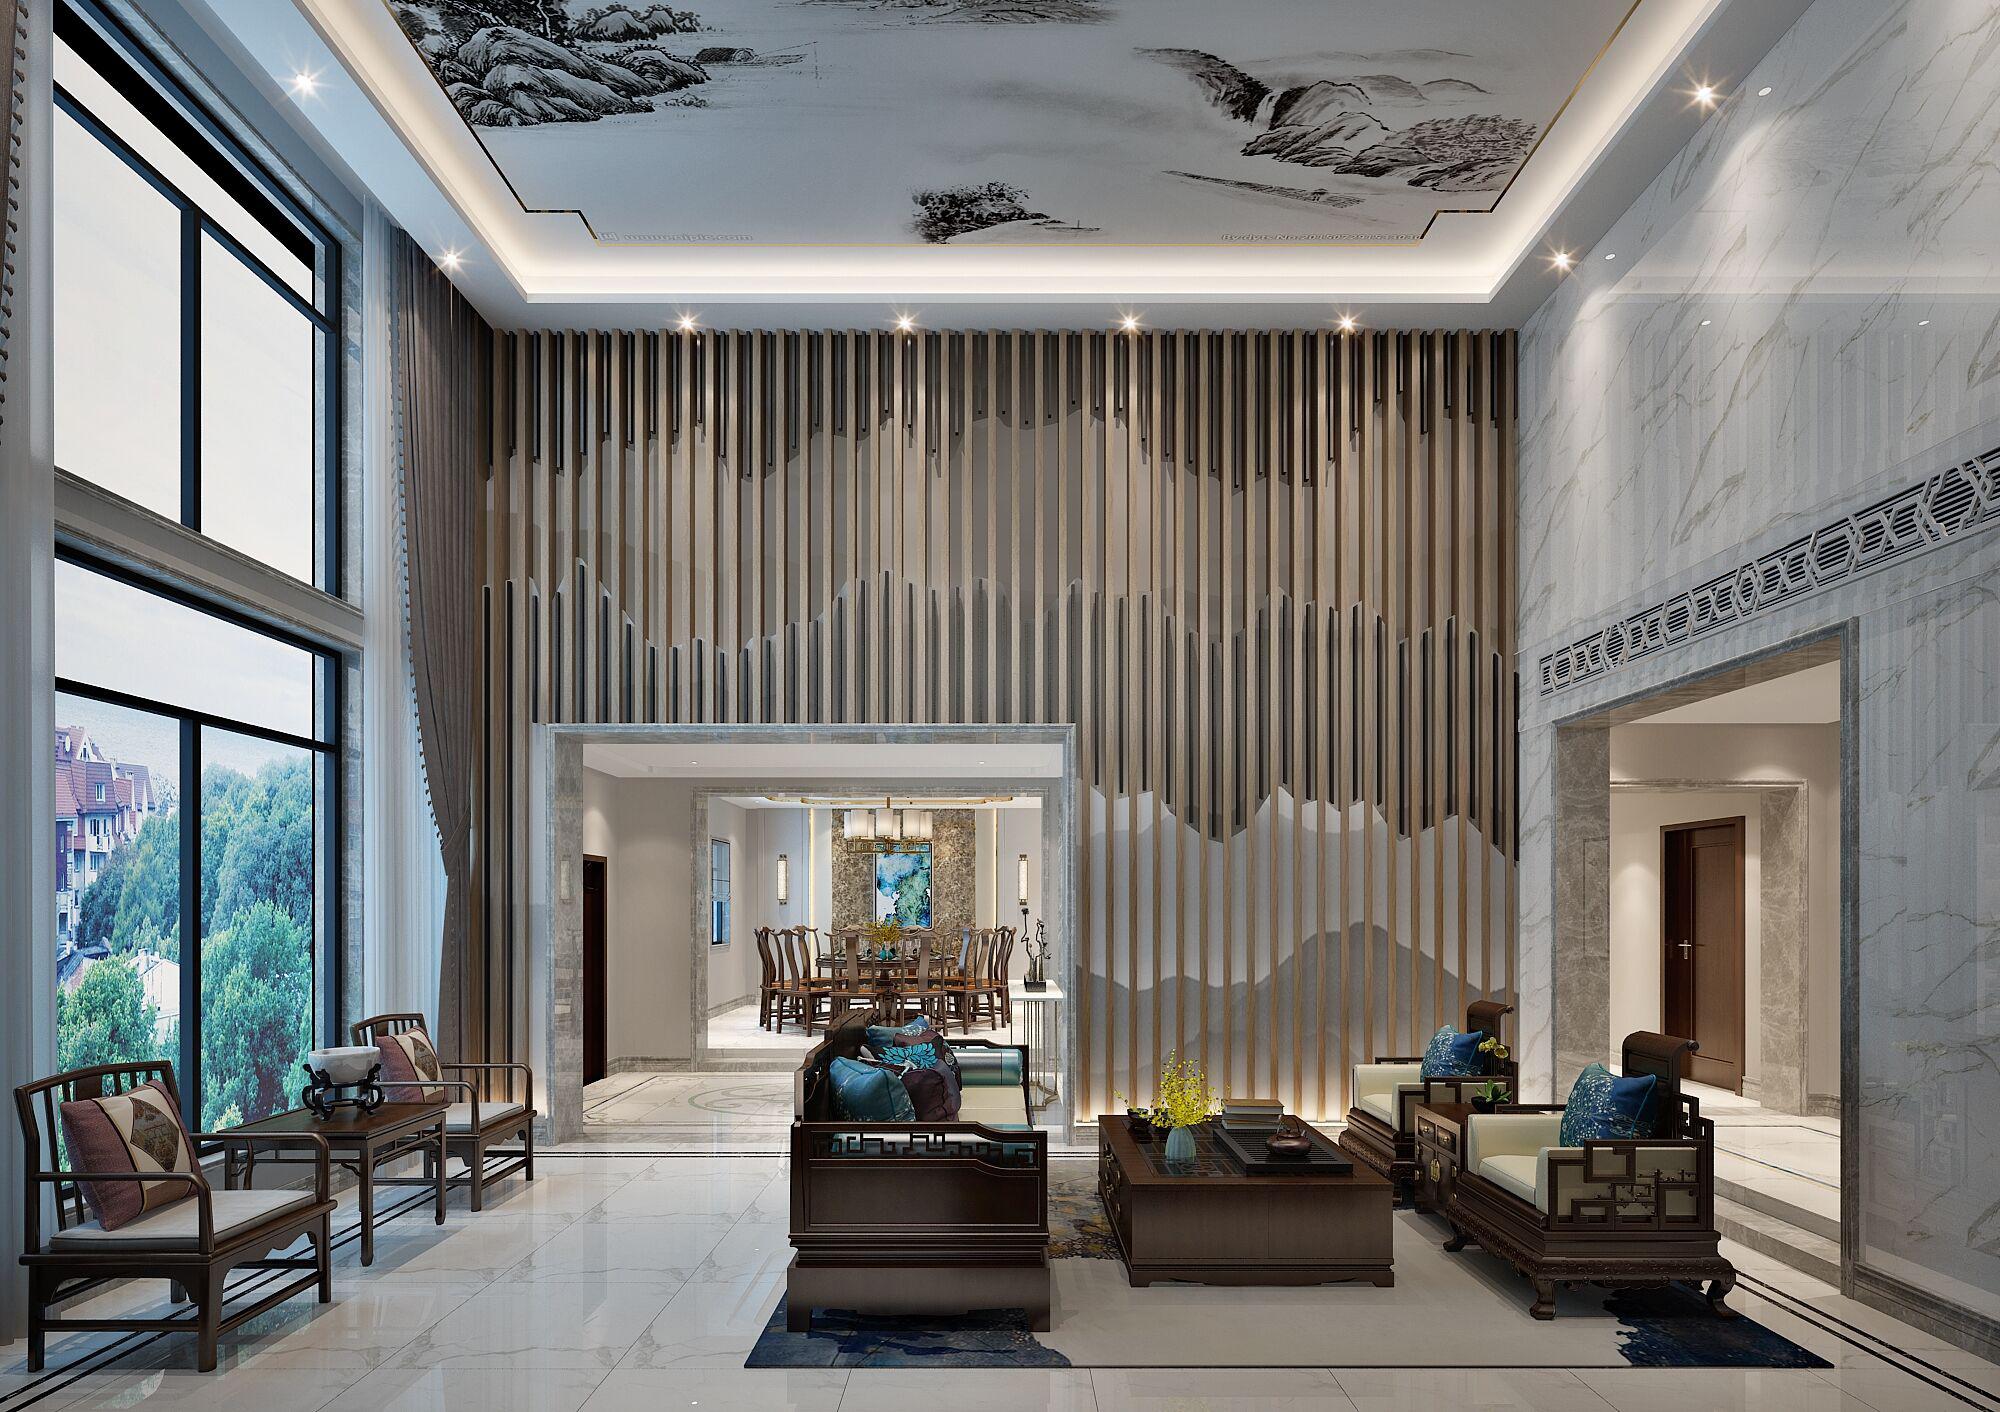 别墅 设计 装修 案例 新中式风格 客厅图片来自无锡别墅设计s在吉宝澜岸名邸新中式案例的分享